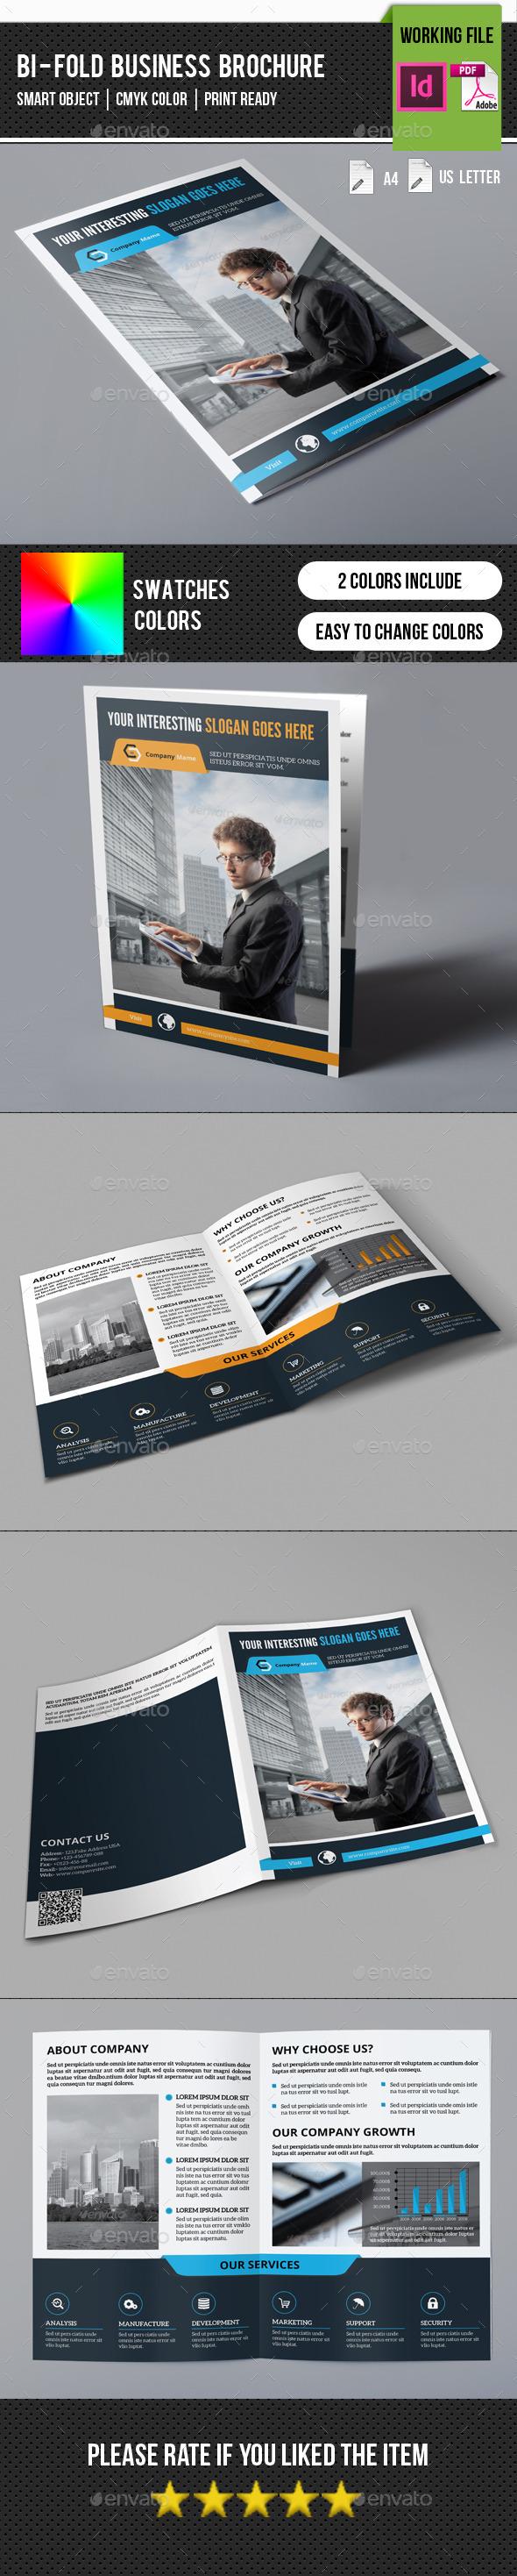 Corporate Bifold Brochure-V255 - Corporate Brochures